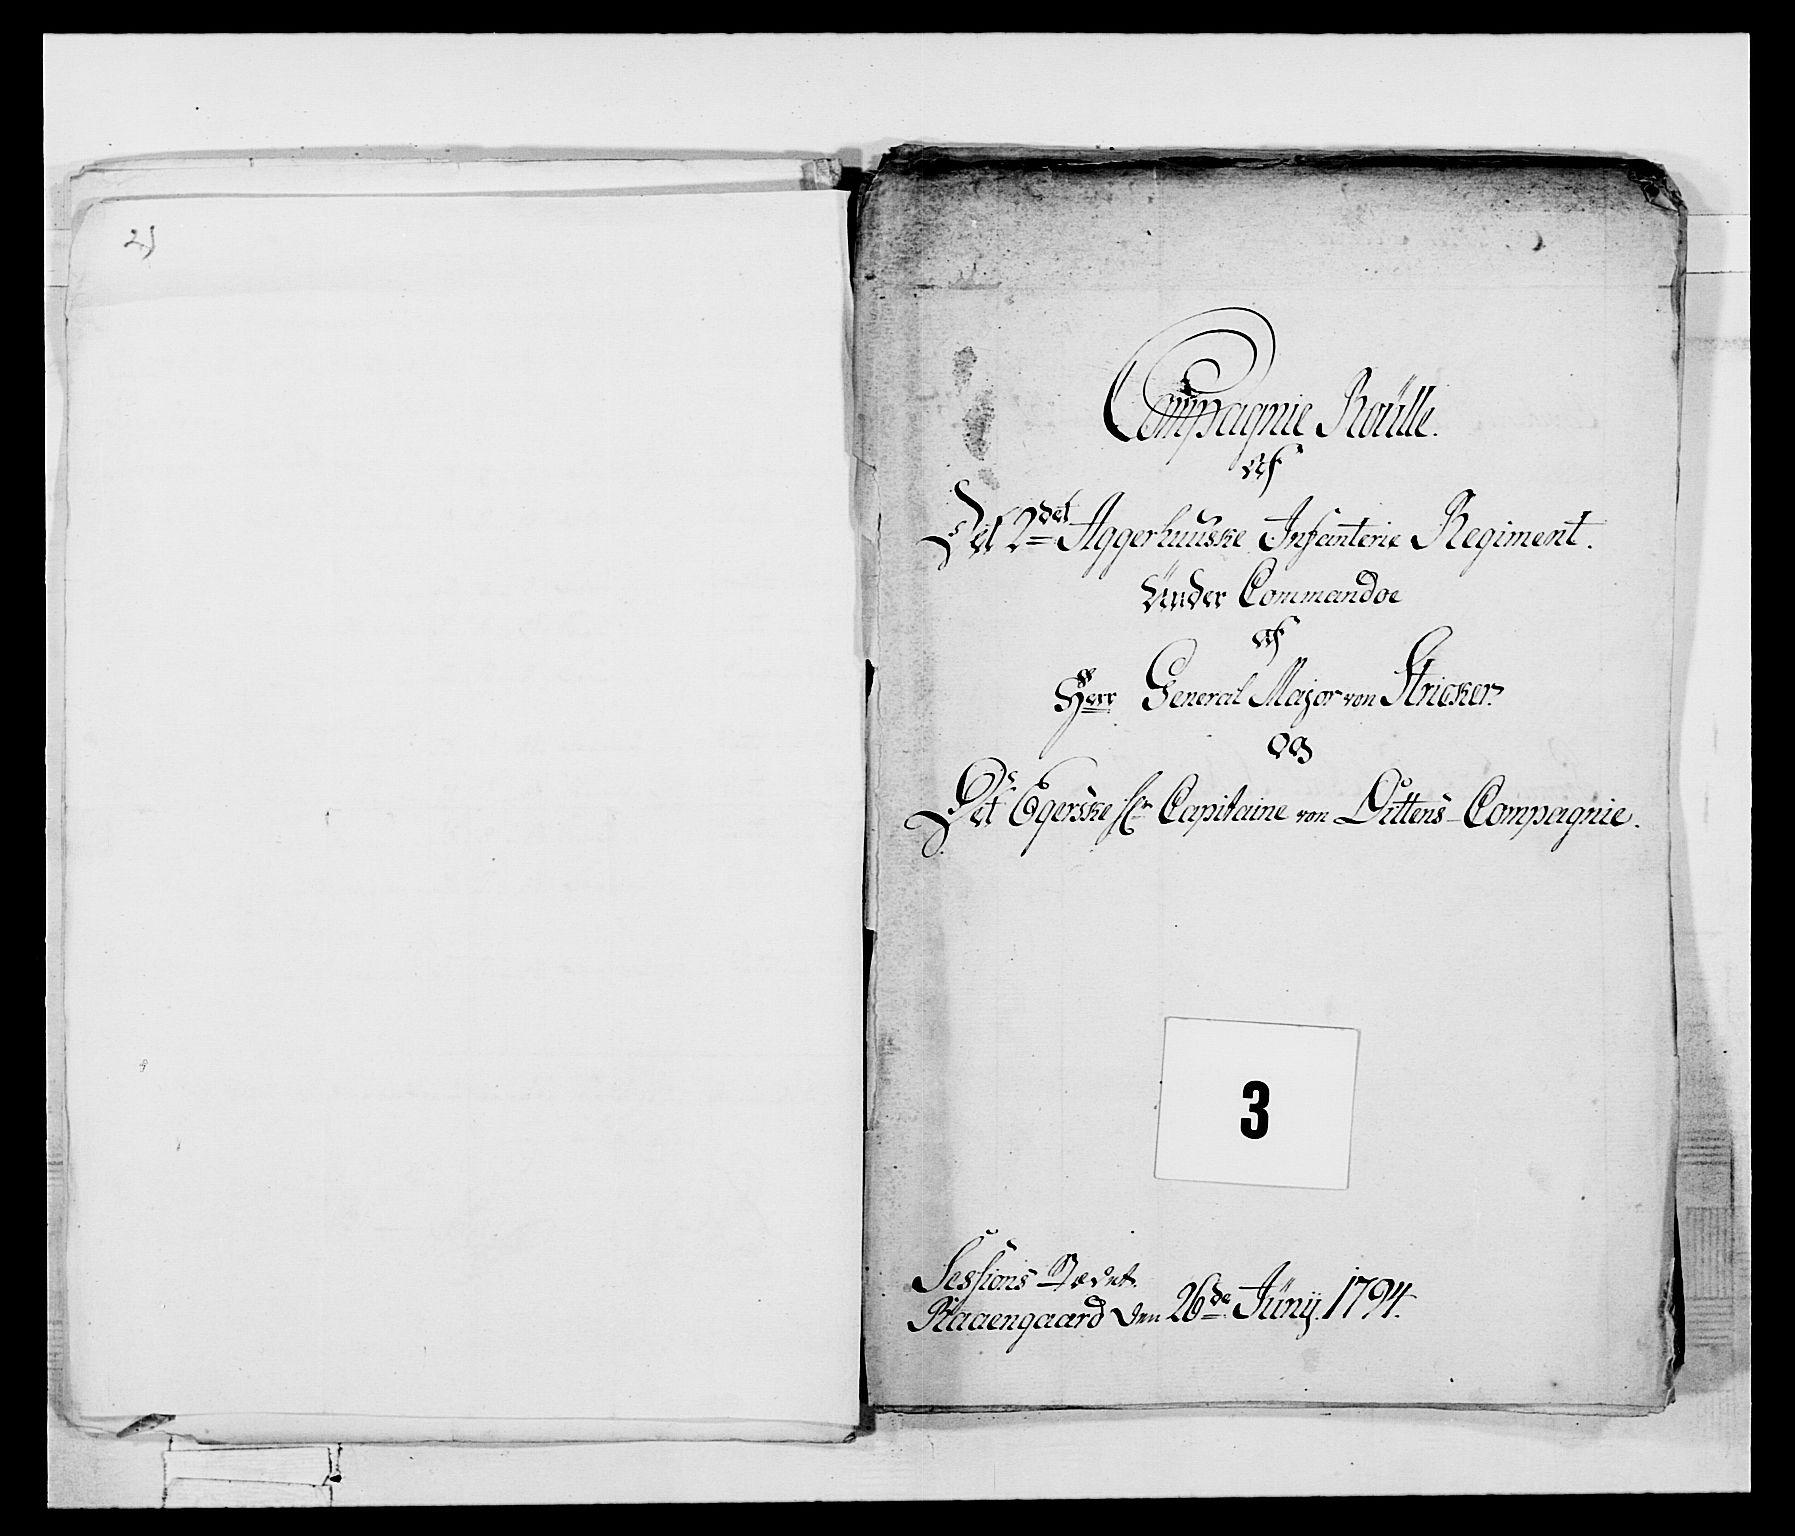 RA, Generalitets- og kommissariatskollegiet, Det kongelige norske kommissariatskollegium, E/Eh/L0047: 2. Akershusiske nasjonale infanteriregiment, 1791-1810, s. 13